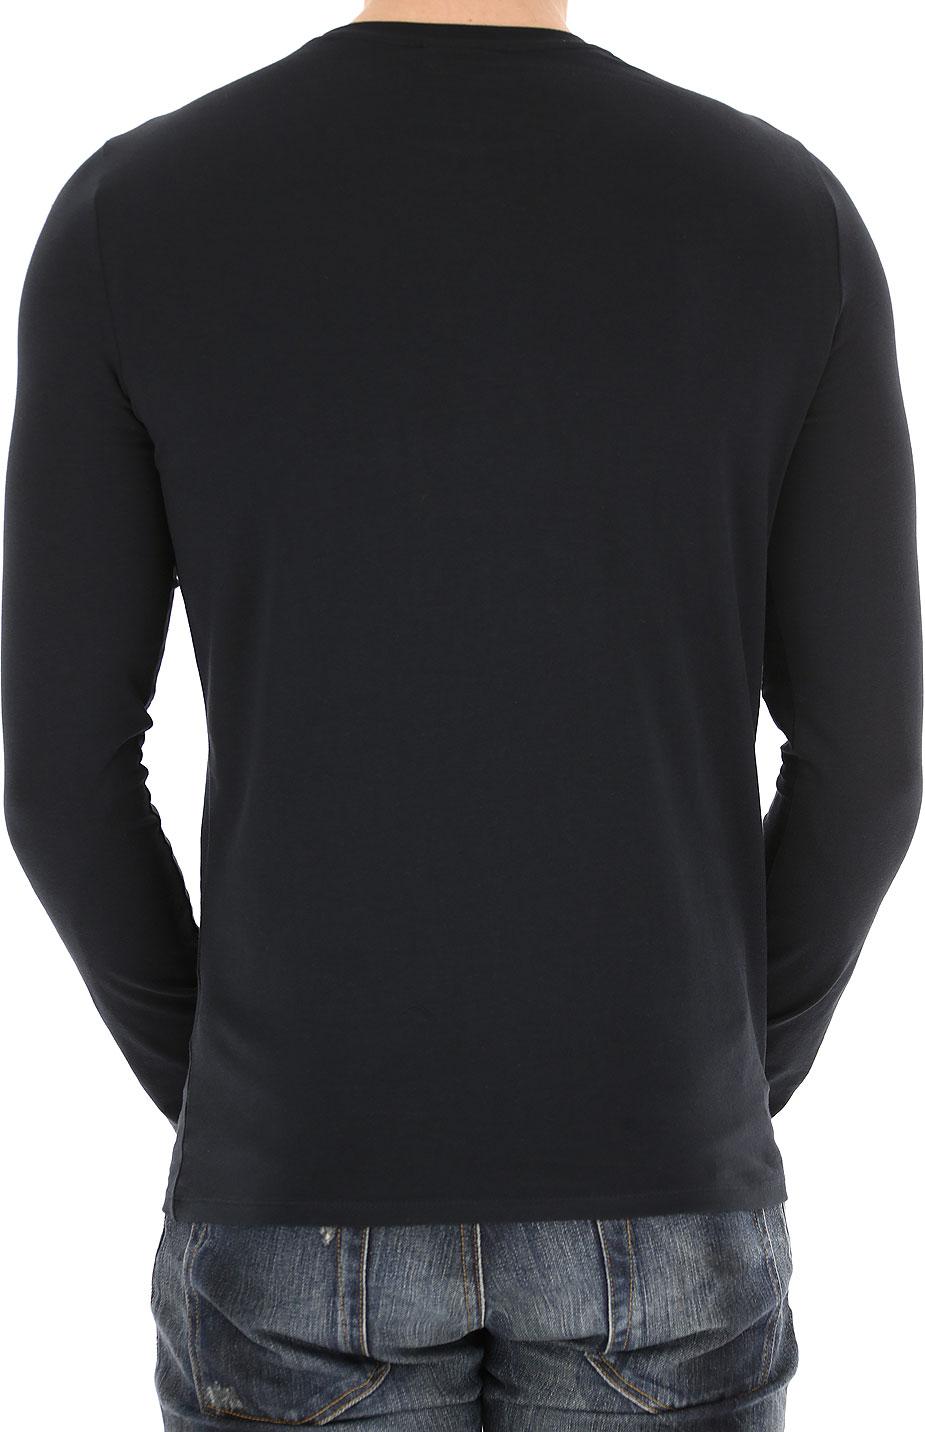 Abbigliamento Uomo Emporio Armani, Codice Articolo: 8n1t81-1j0az-0939